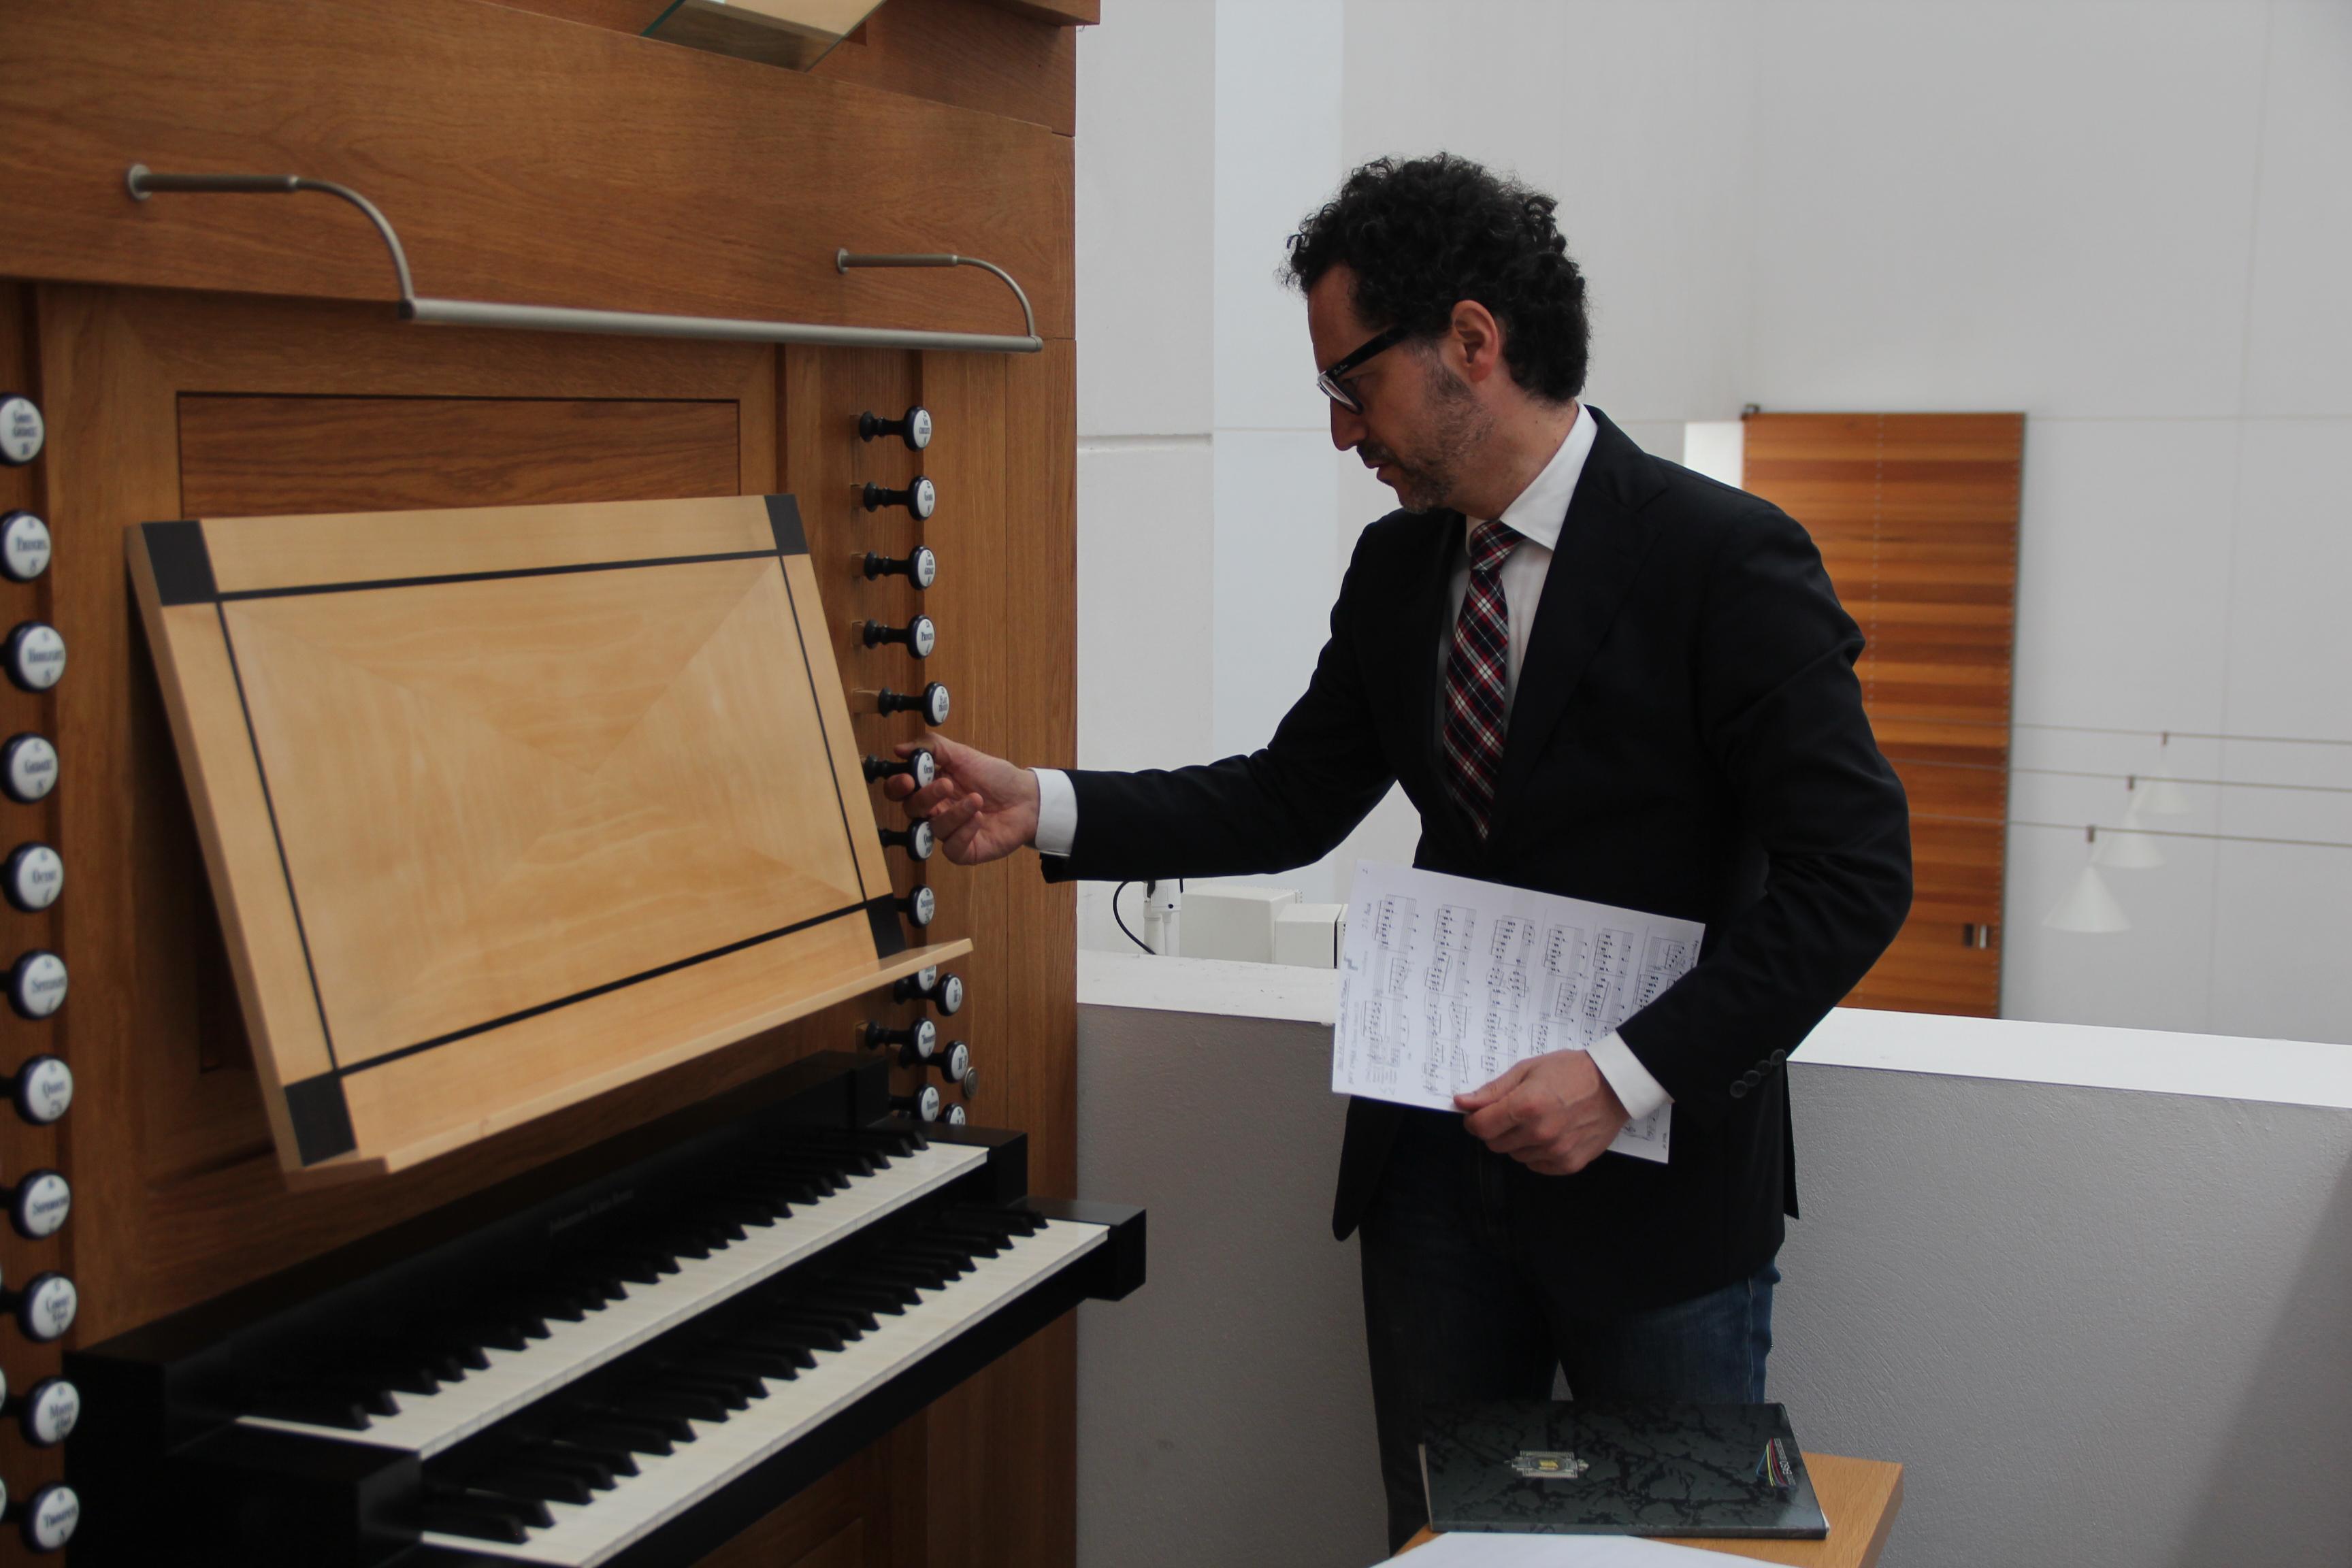 El órgano del Auditorio de Tenerife vibra el domingo con el músico vasco Óscar Candendo